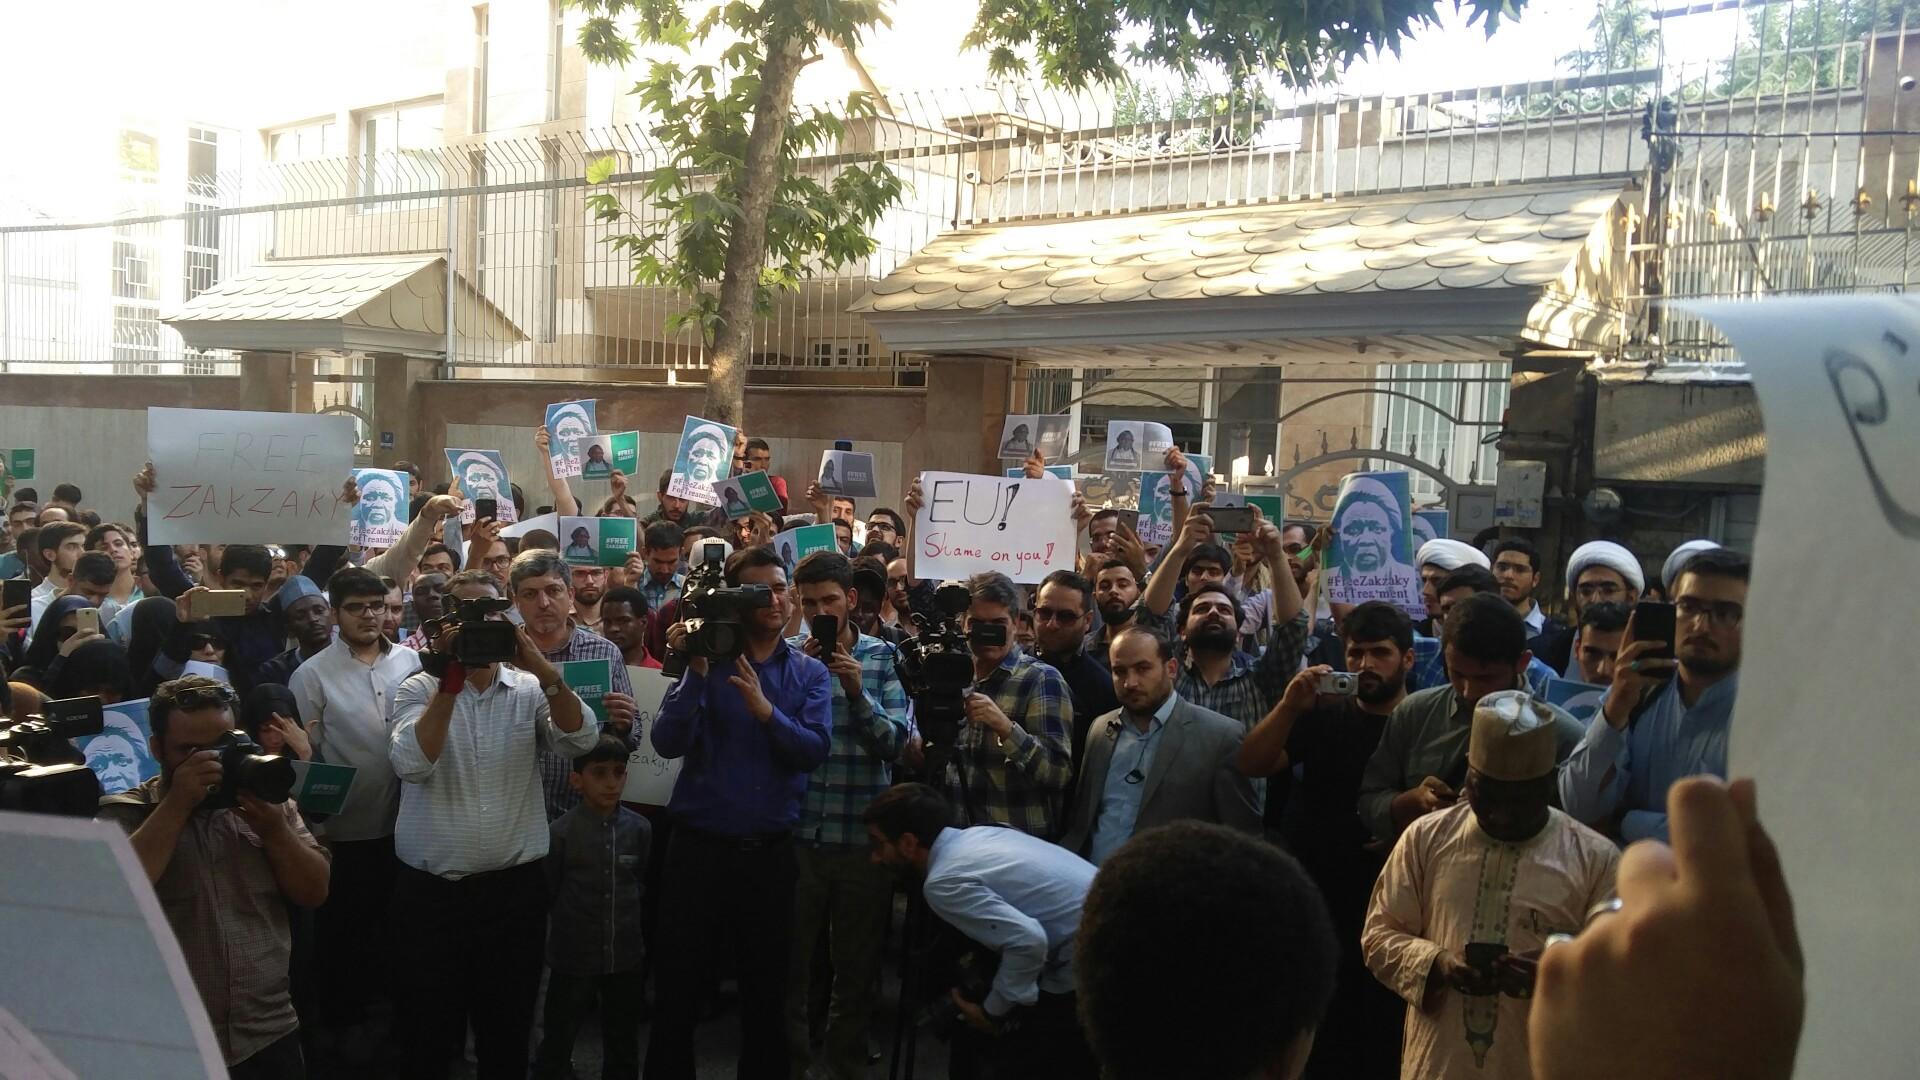 برگزار شد: اعتراض به وضعیت شیخ زکزاکی و شیعیان نیجریه در مقابل سفارت نیجریه